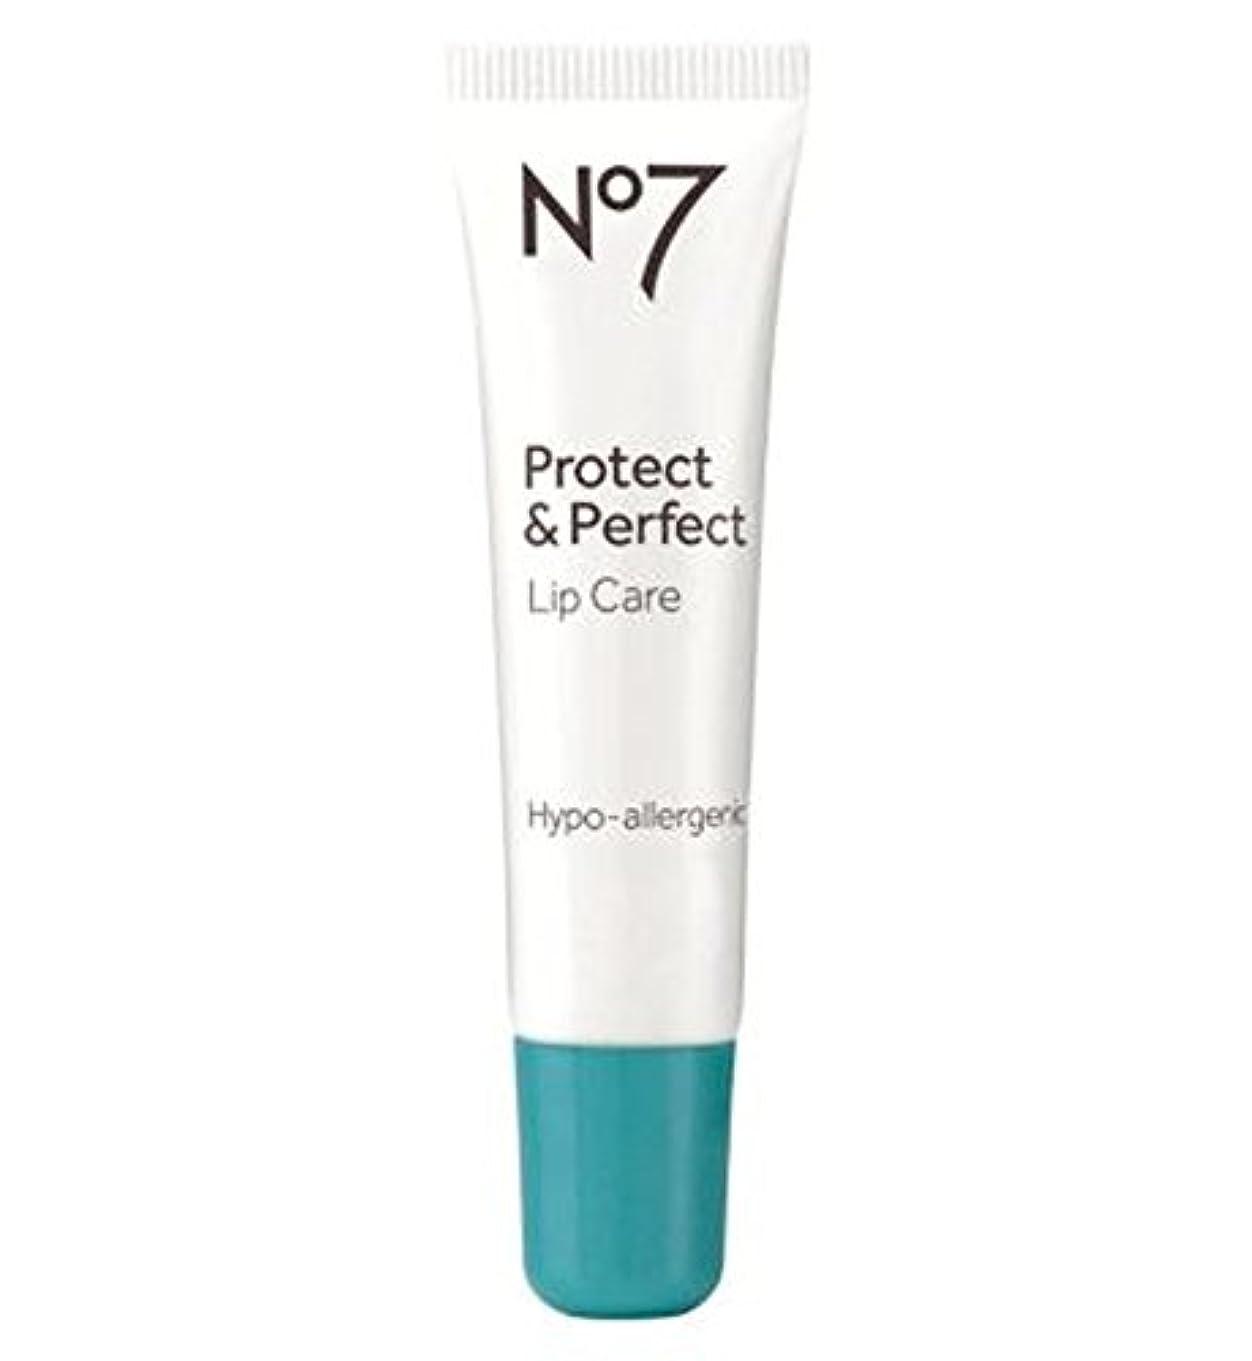 少数アクセルぺディカブNo7 Protect & Perfect Lip Care 10ml - No7保護&完璧なリップケア10ミリリットル (No7) [並行輸入品]